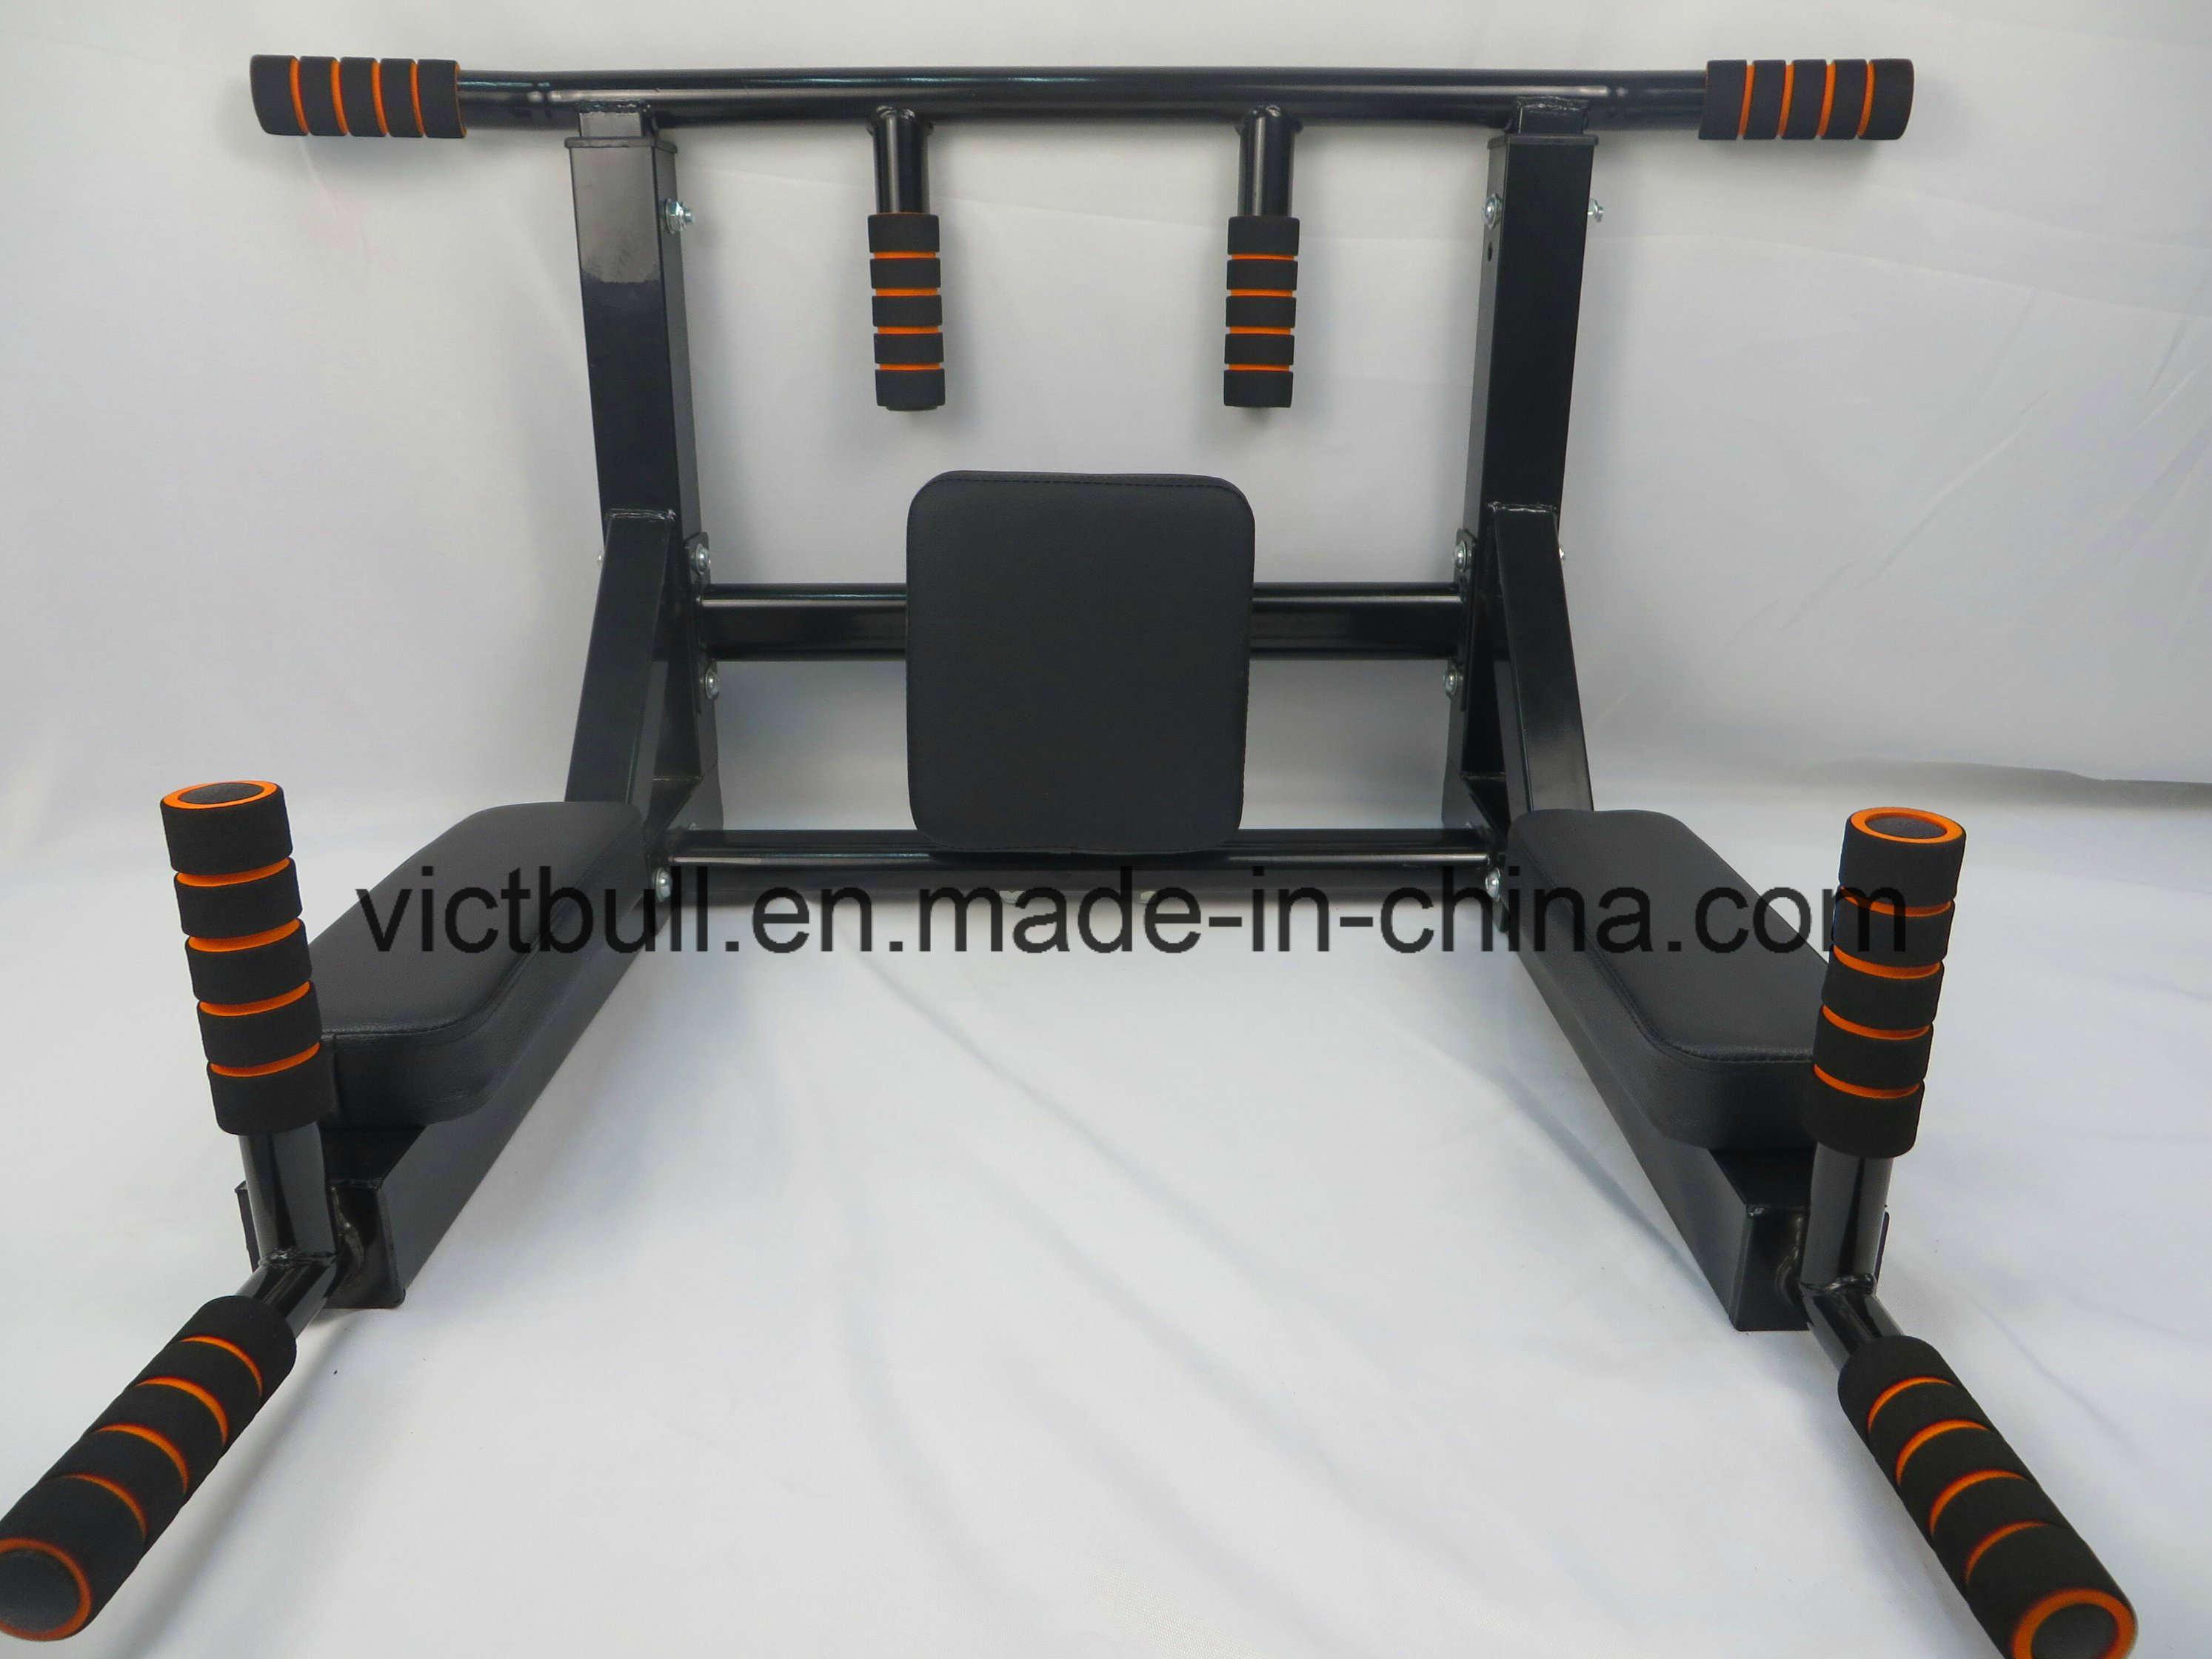 China Home Gym Equipment Wall Mounted Chin Up Bar Pull Up Bar